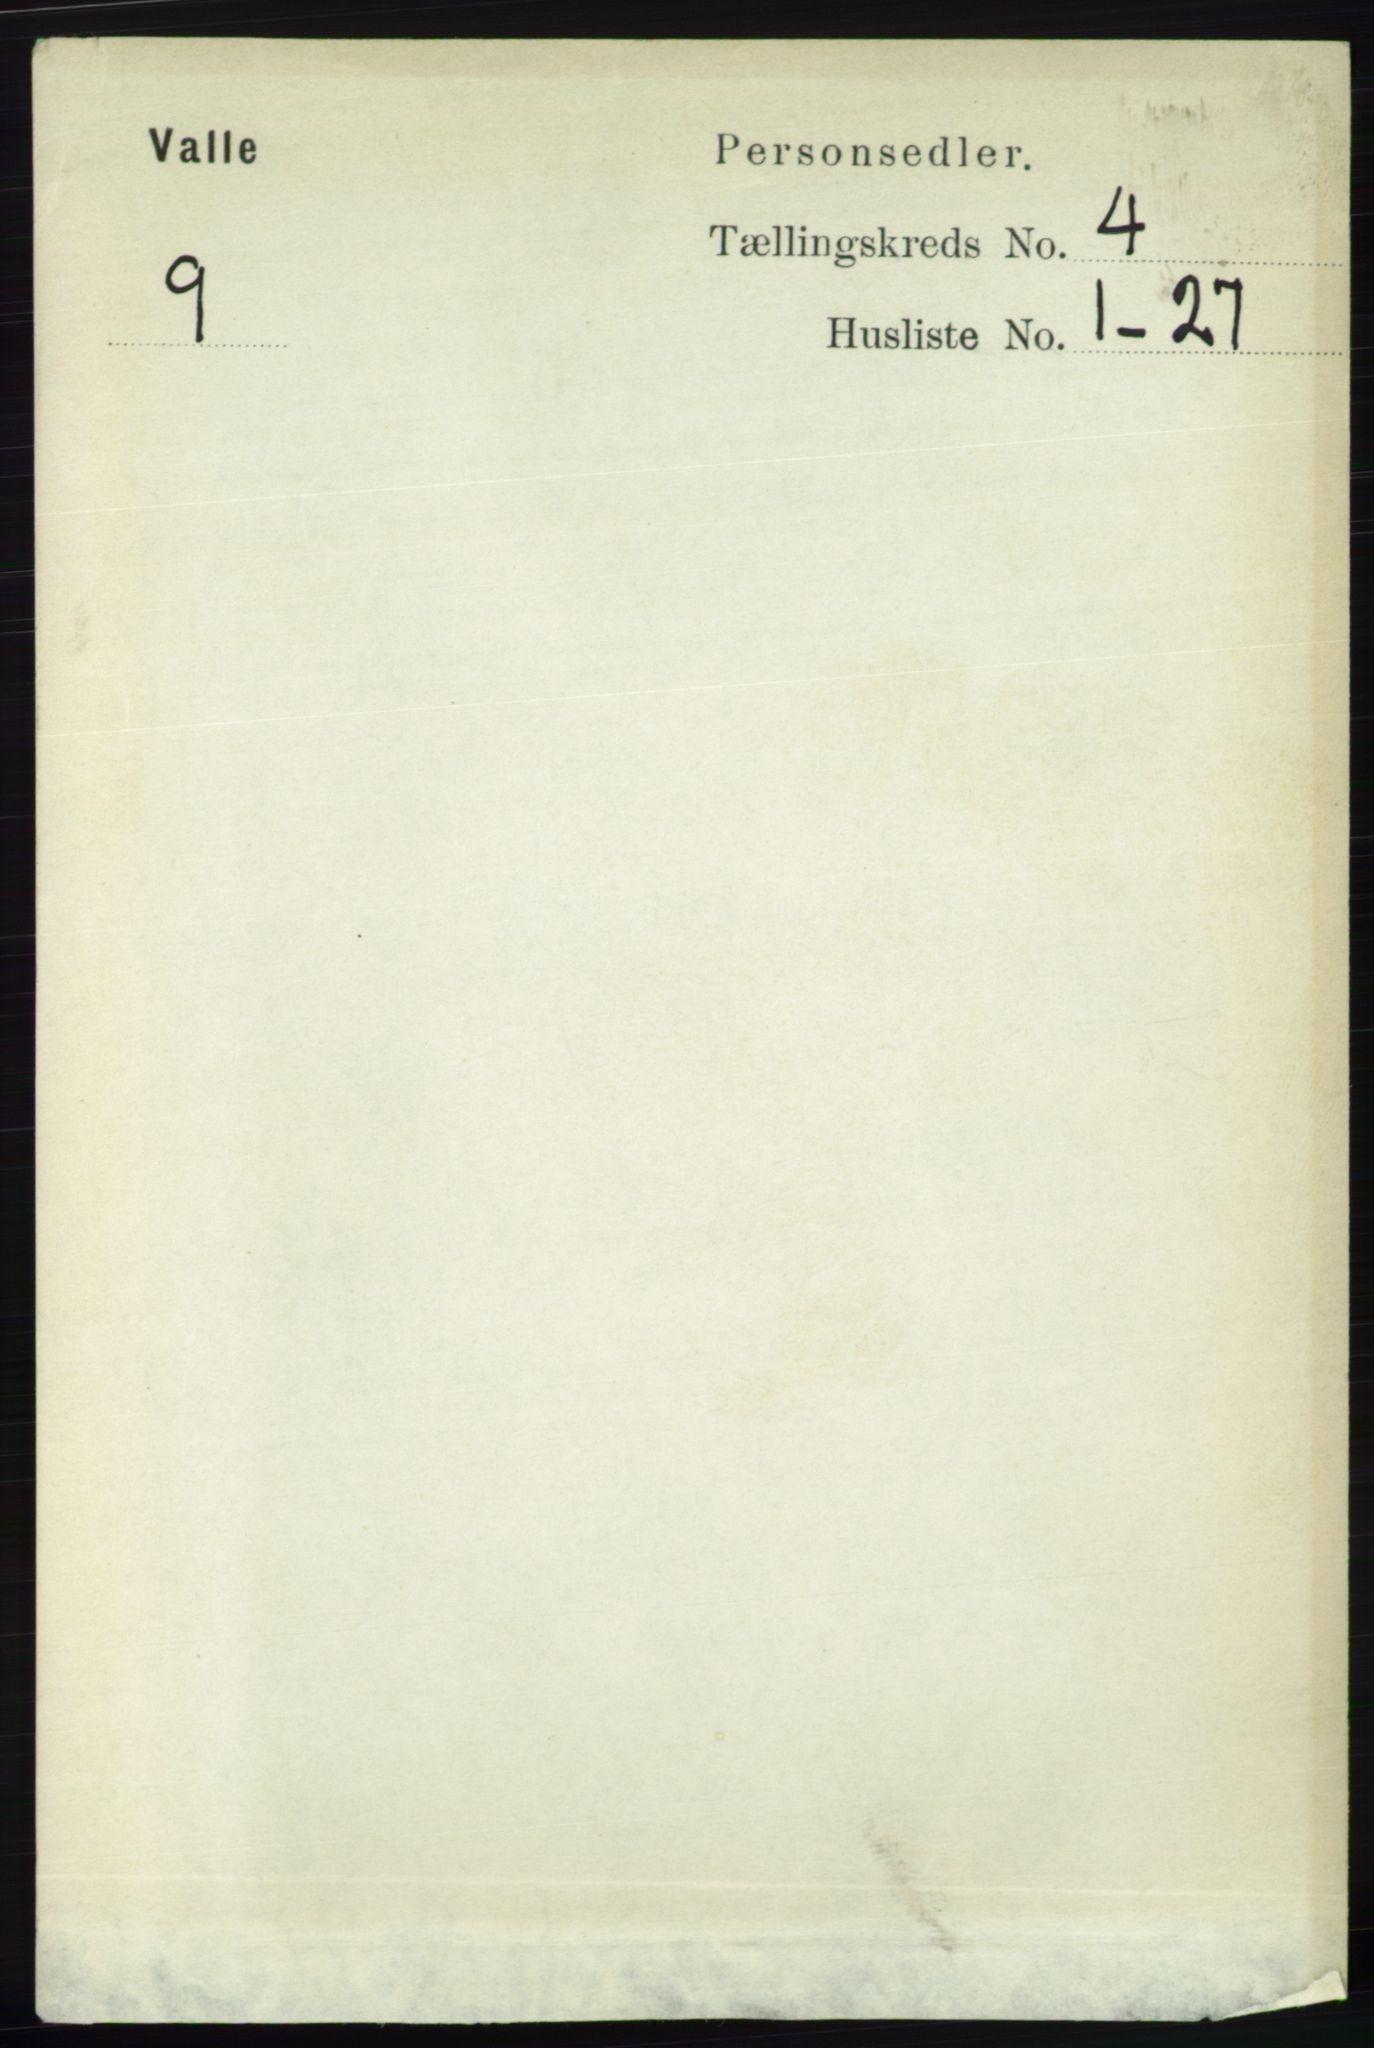 RA, Folketelling 1891 for 0940 Valle herred, 1891, s. 1004